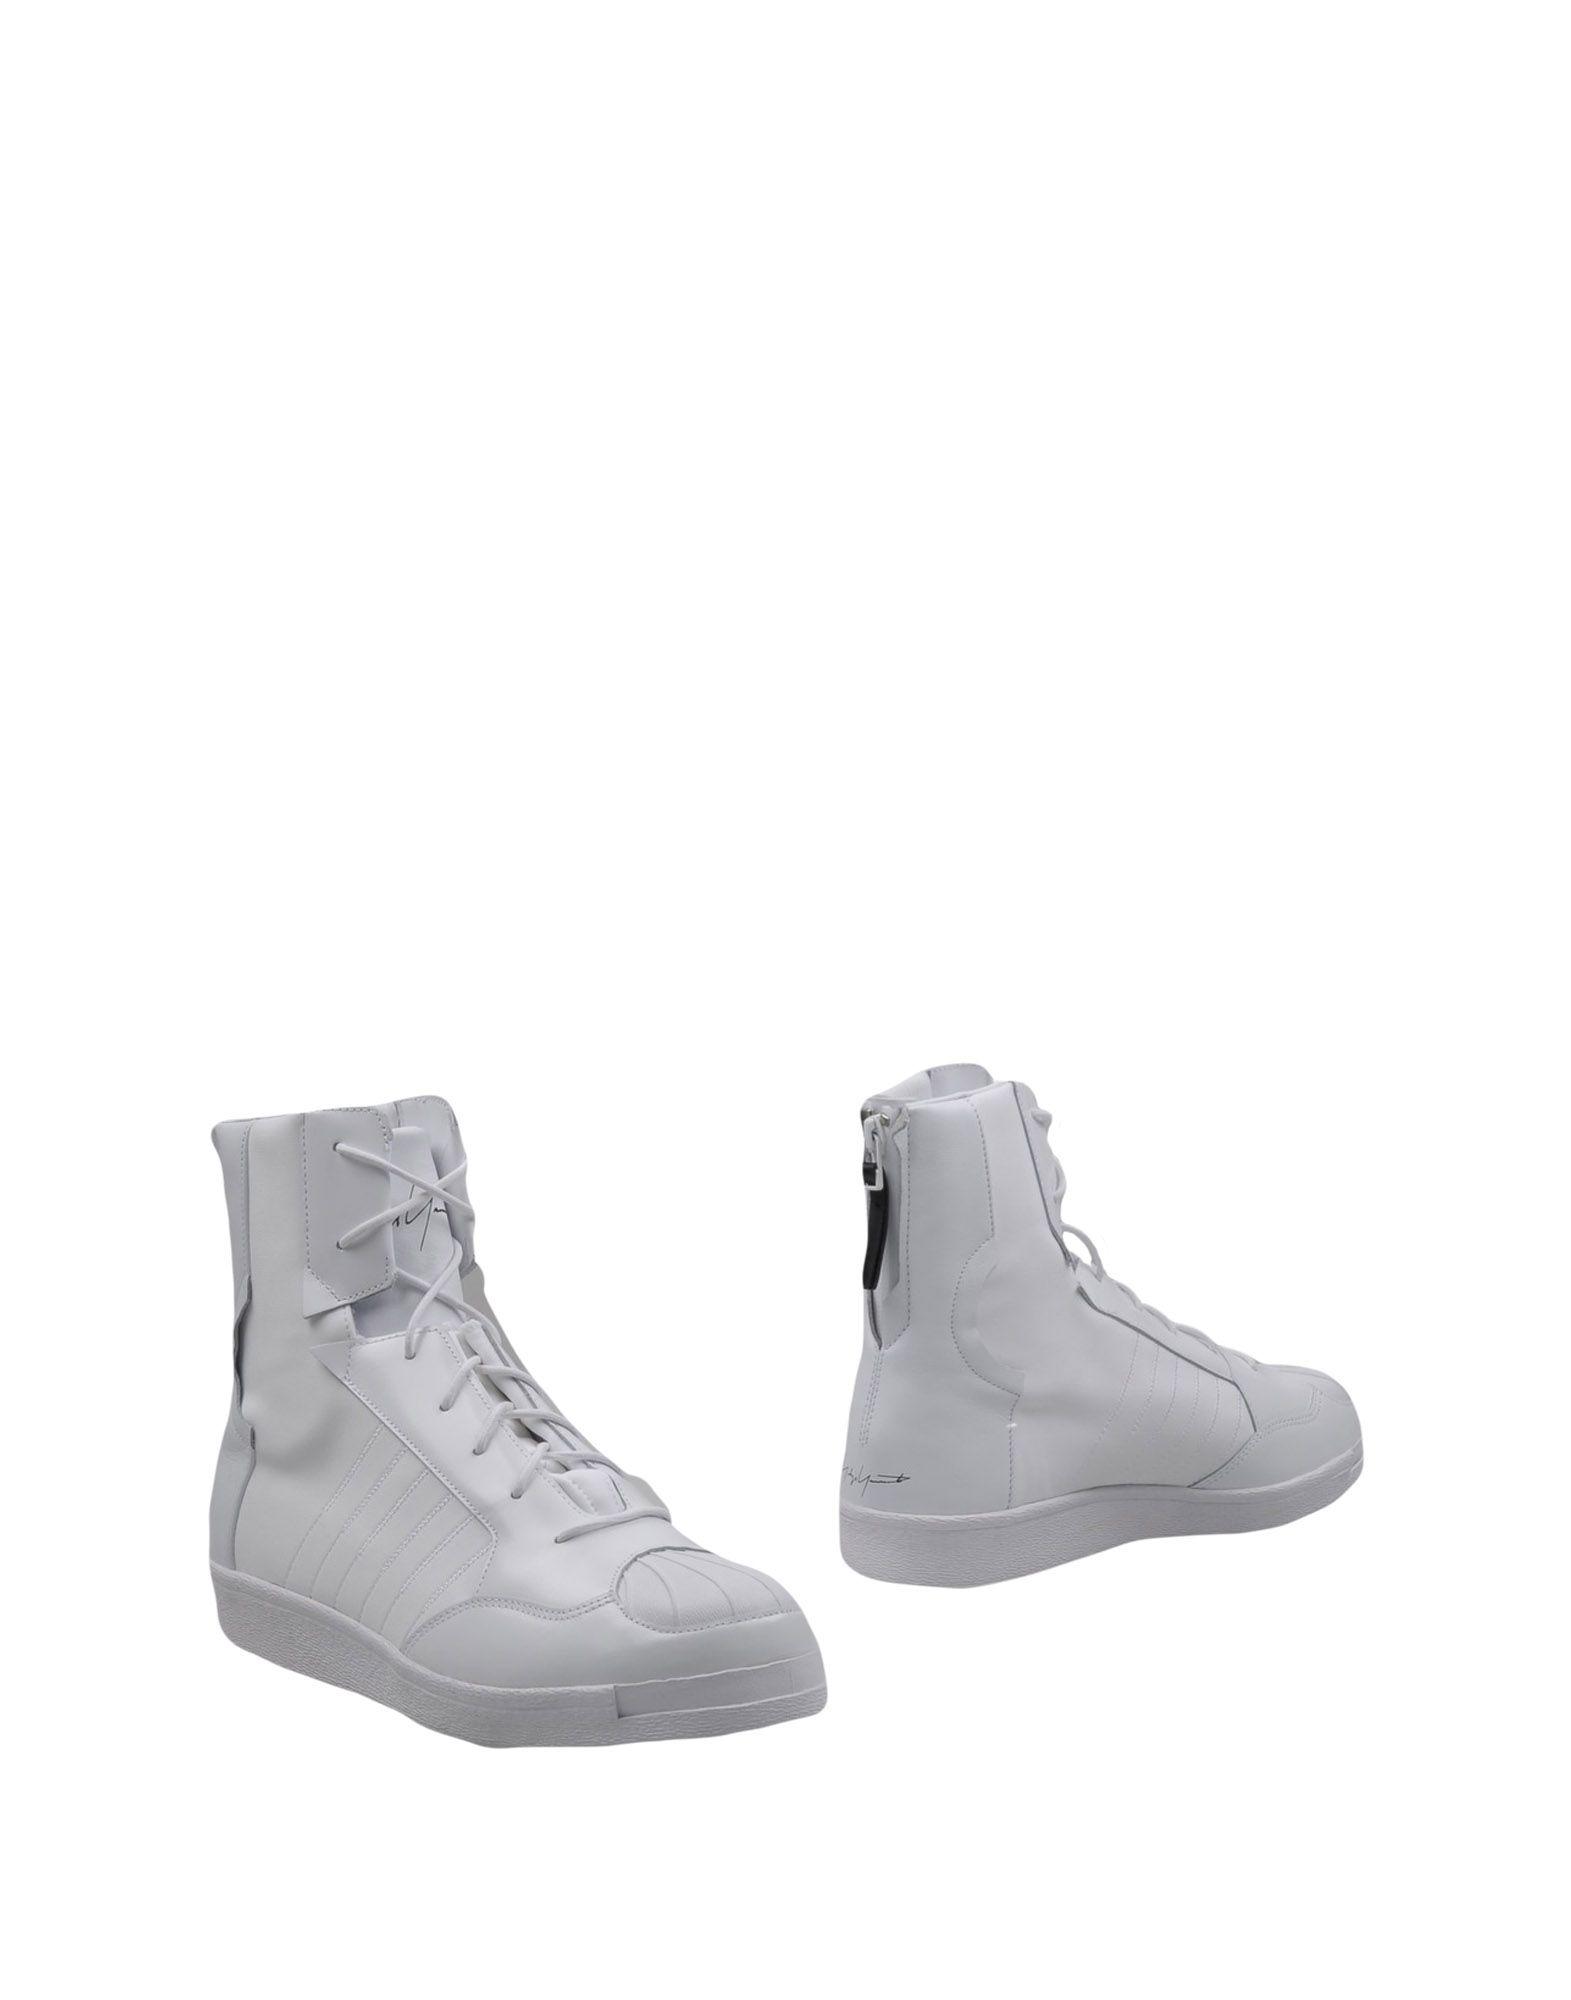 YOHJI YAMAMOTO POUR HOMME Полусапоги и высокие ботинки nature pour homme д шево по запорожью